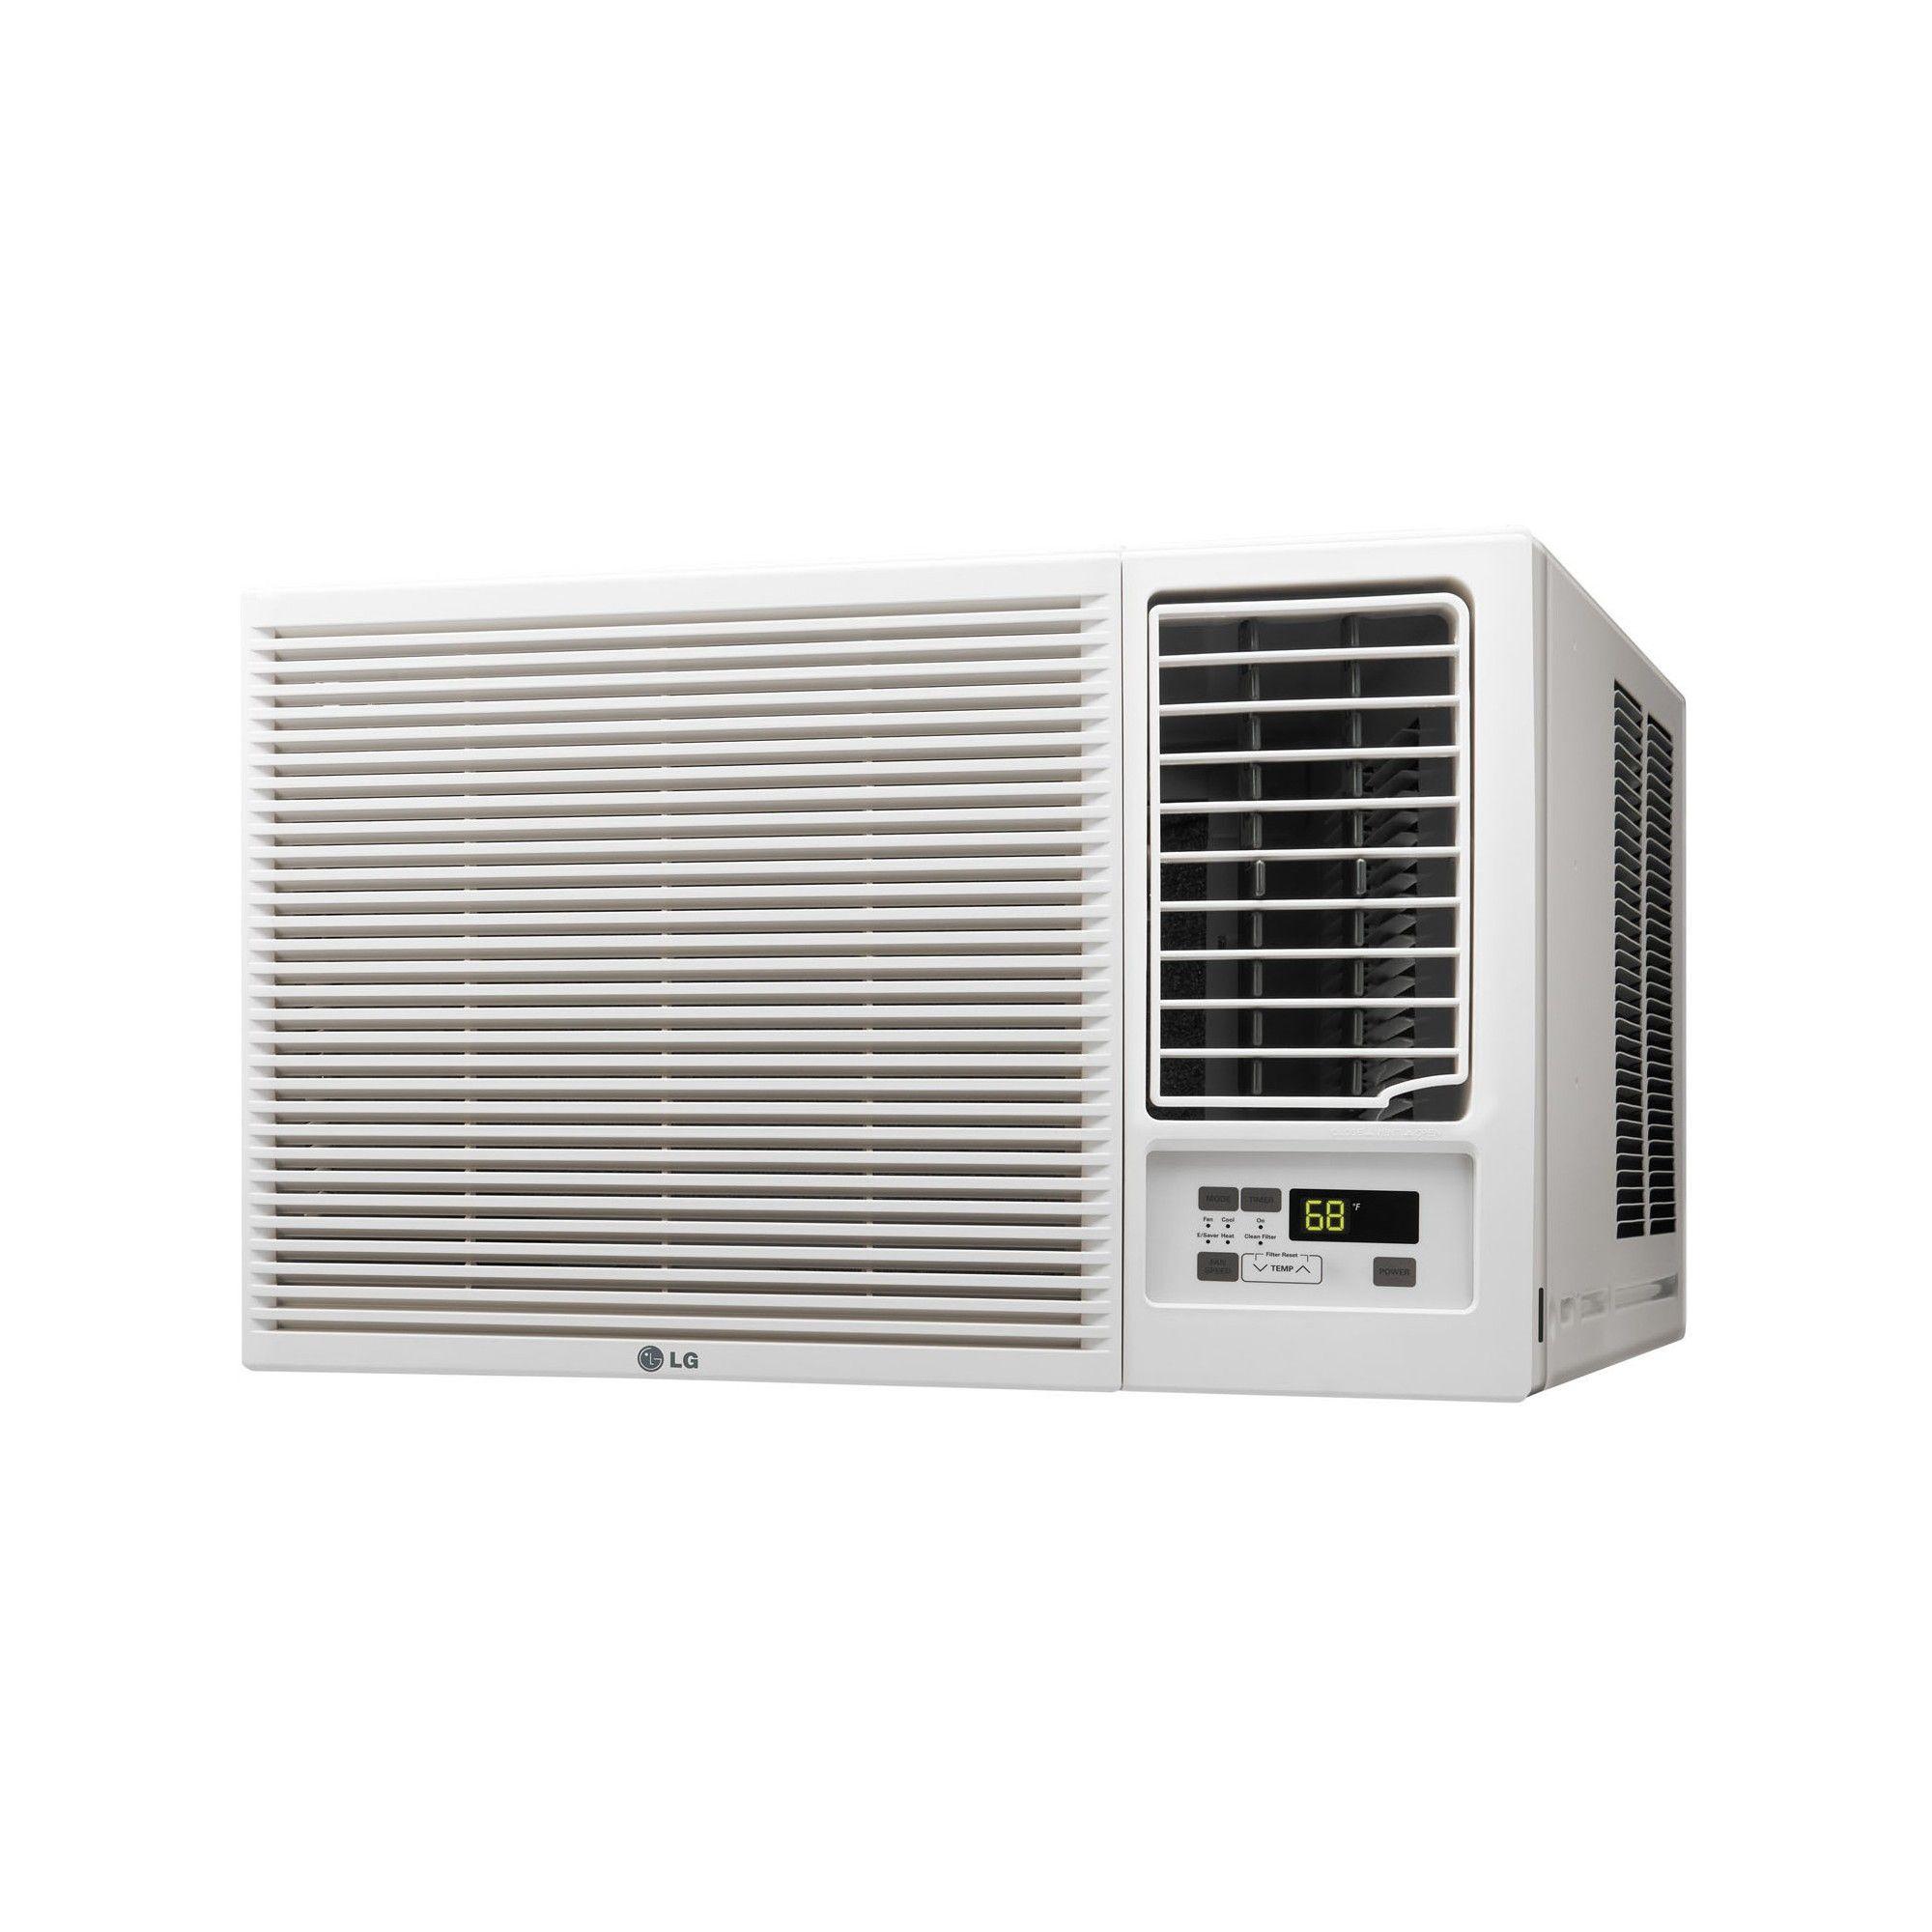 LG 24000 Btu Heat/Cool Window Air Conditioner, White